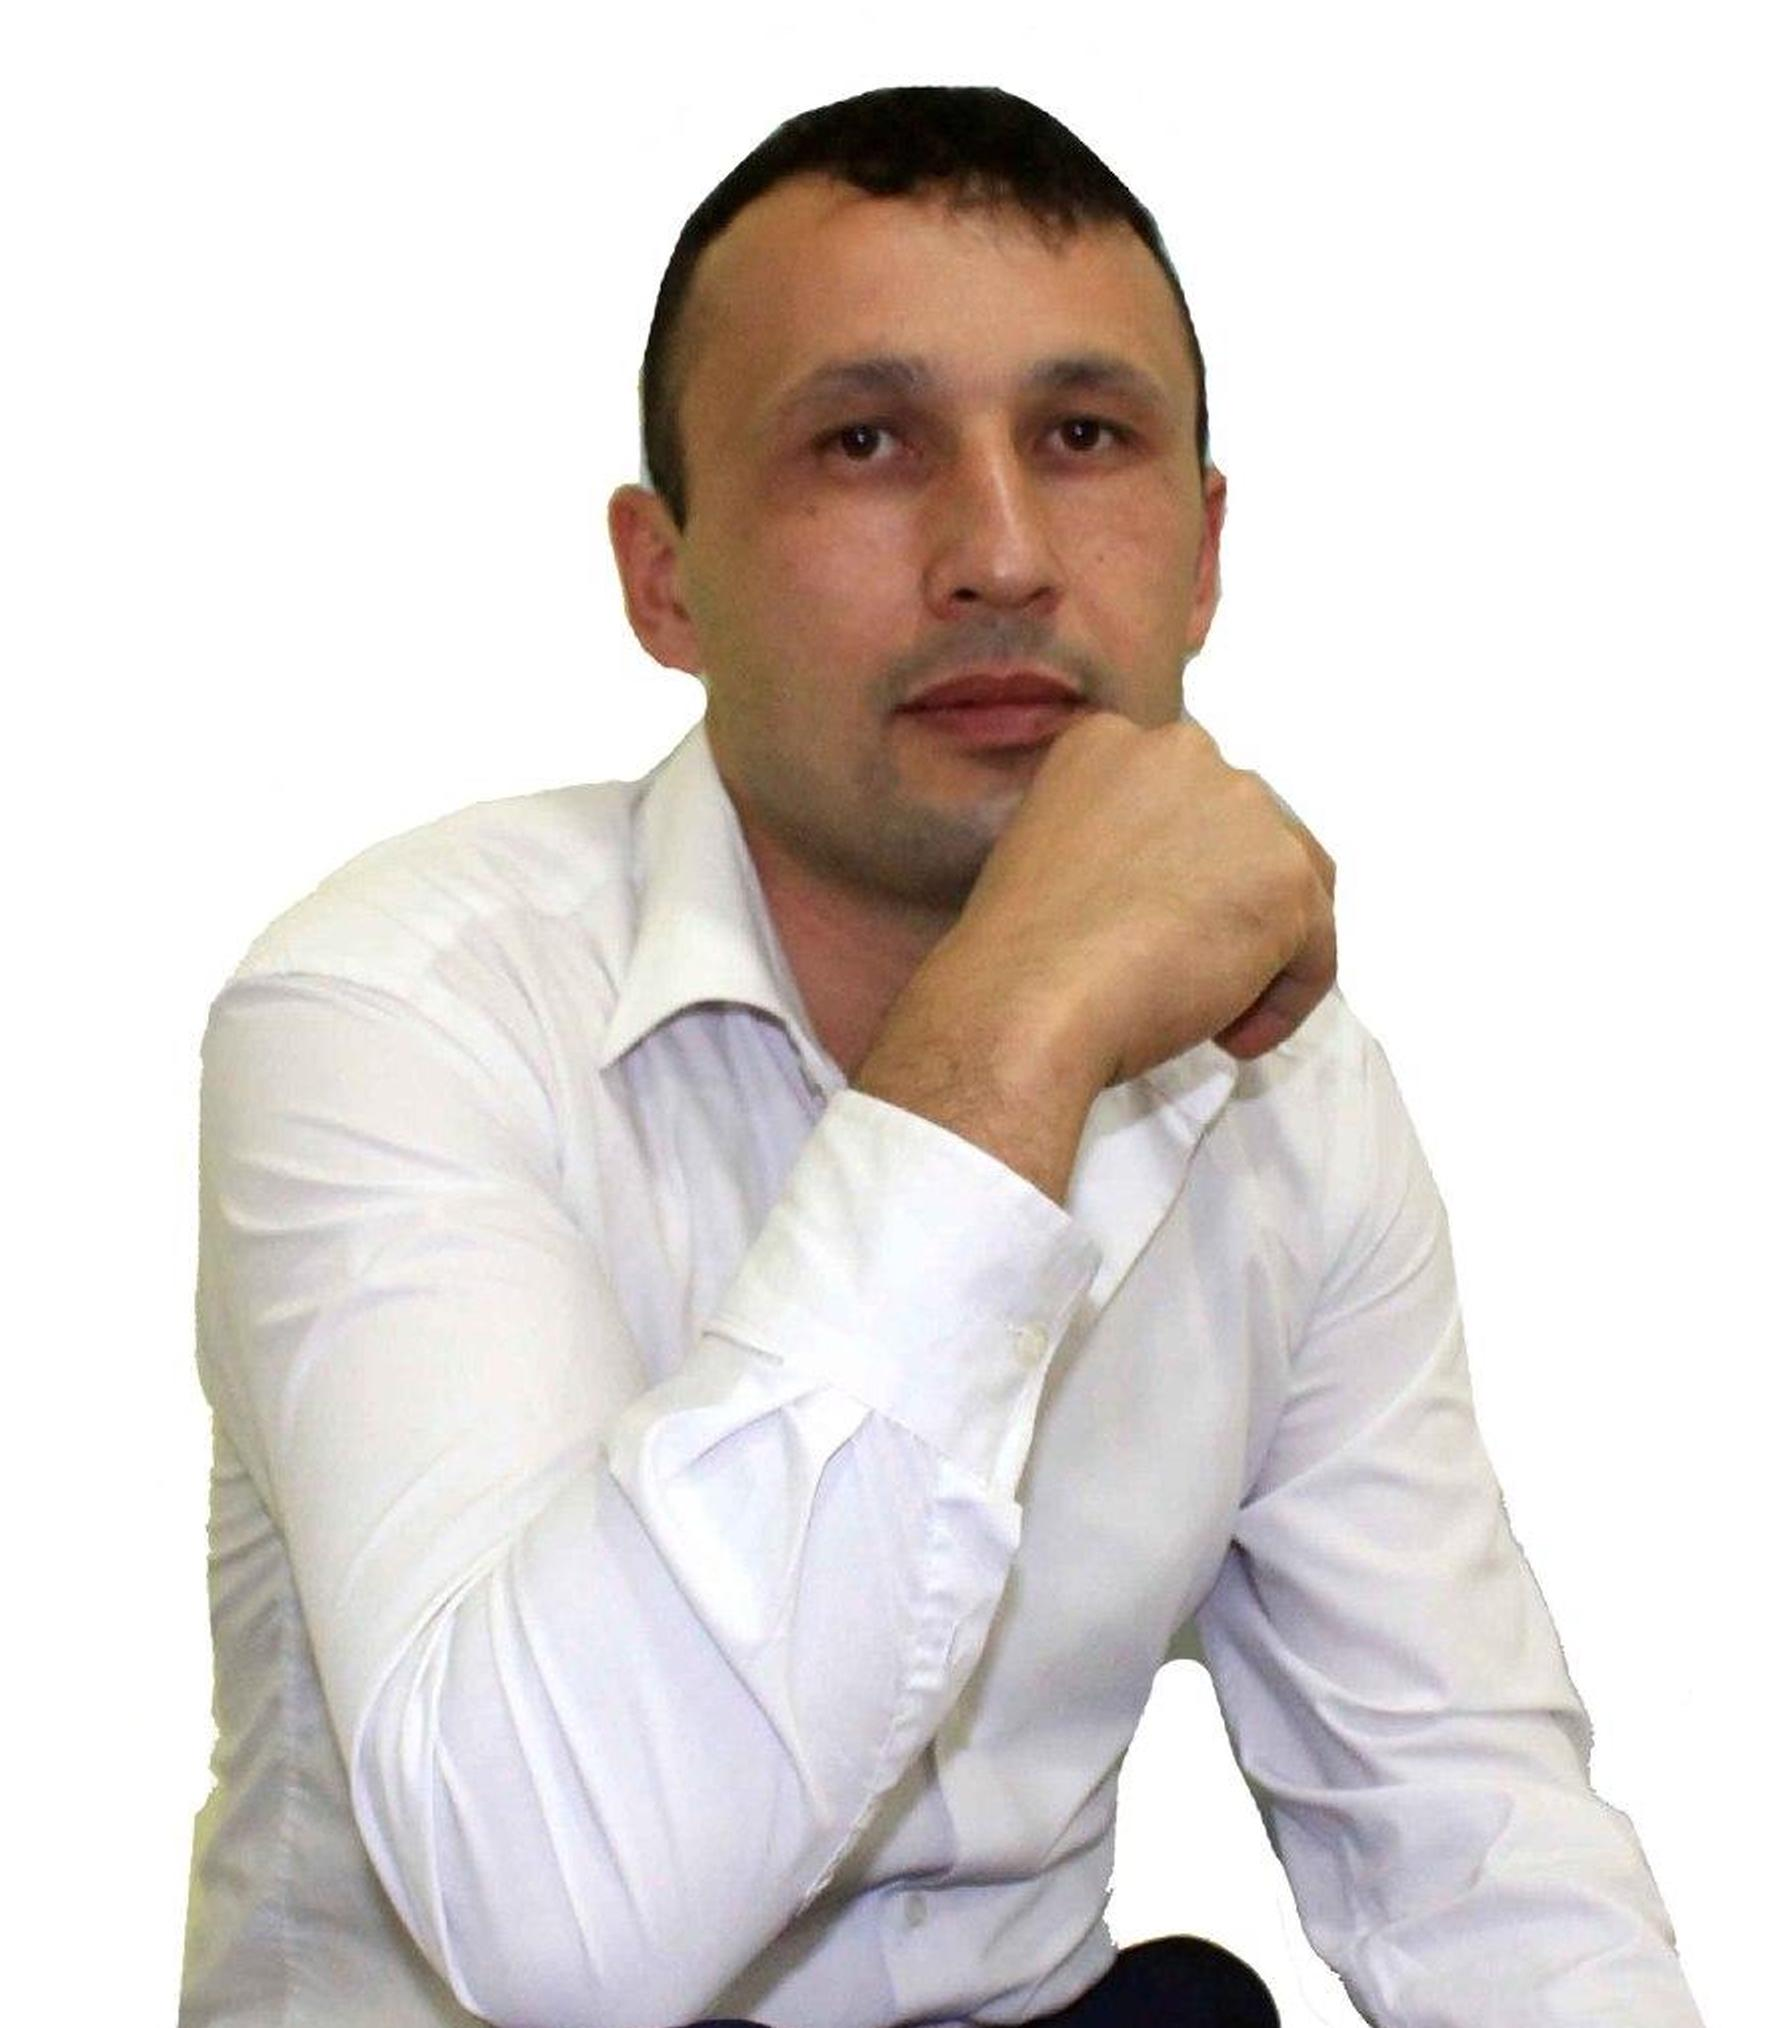 Узбектош Киличбек